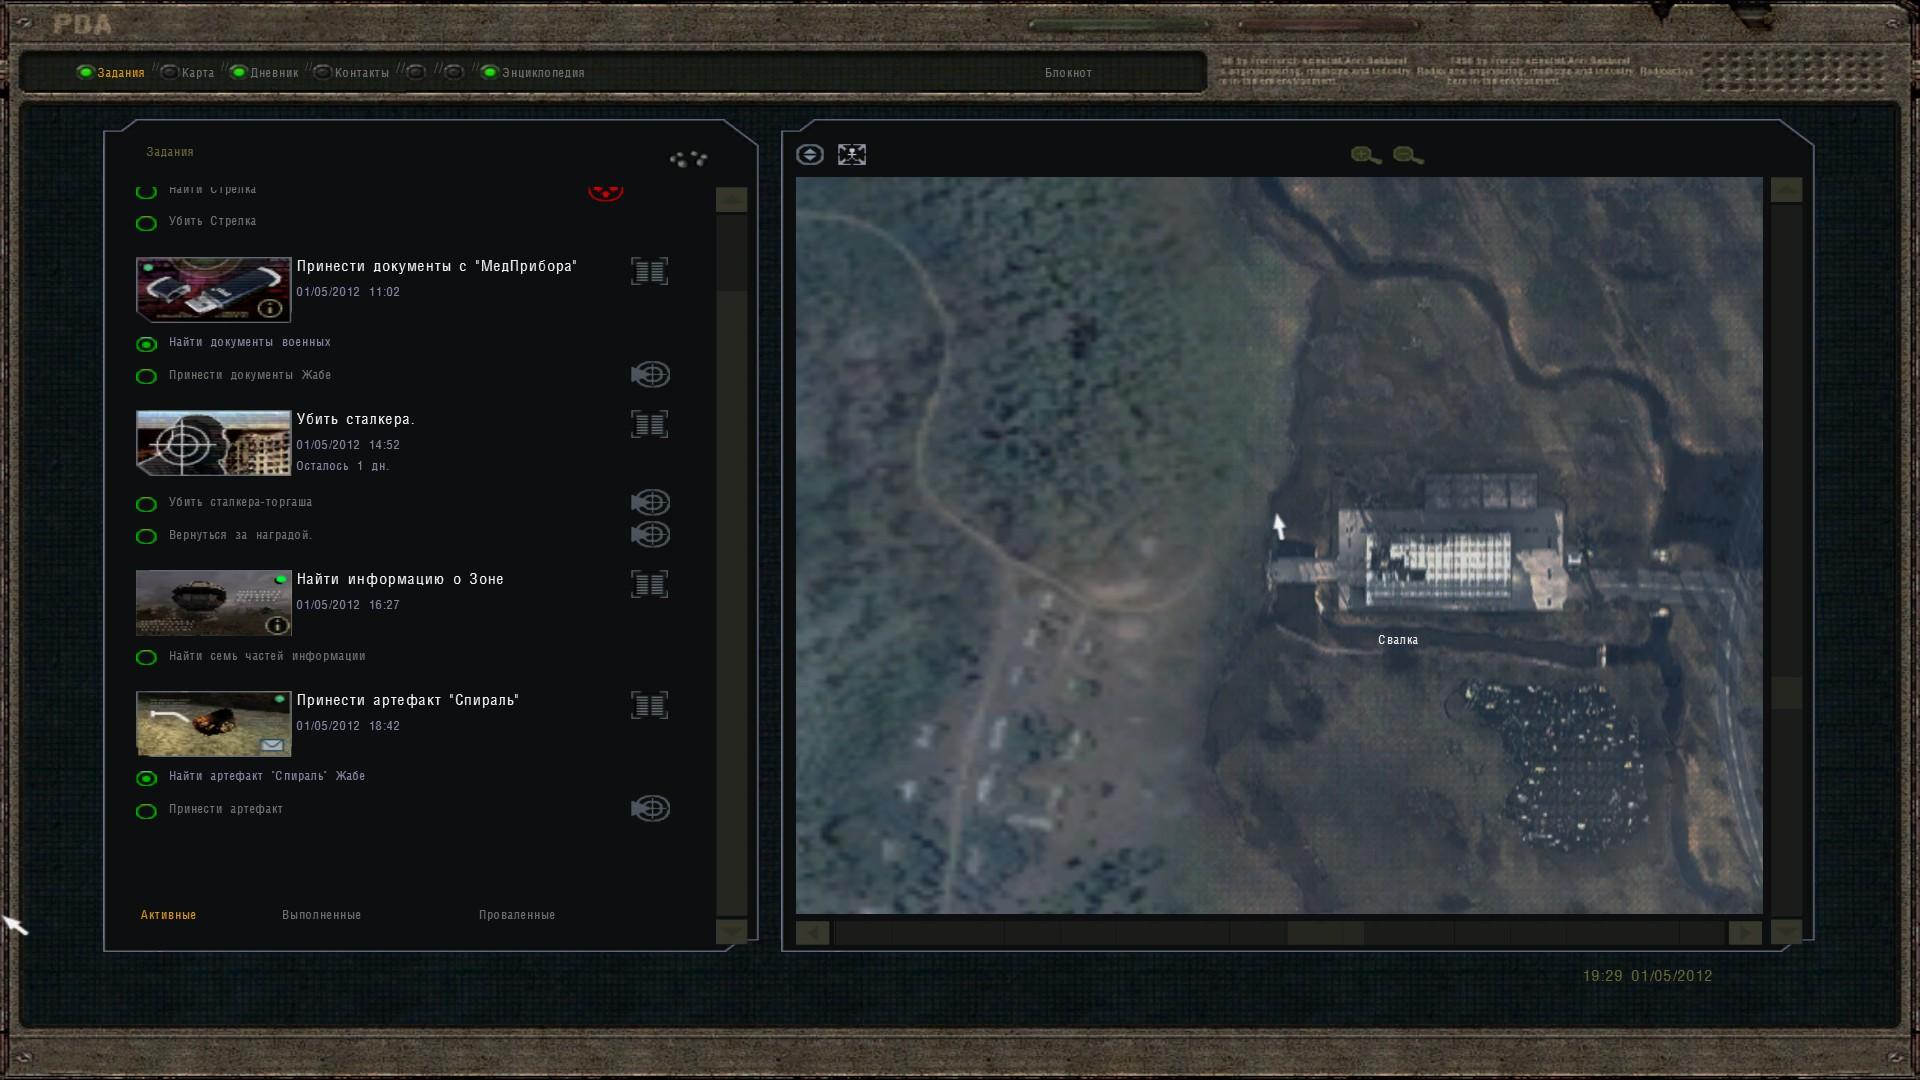 Oblivion Lost Remake 2.5 image 89